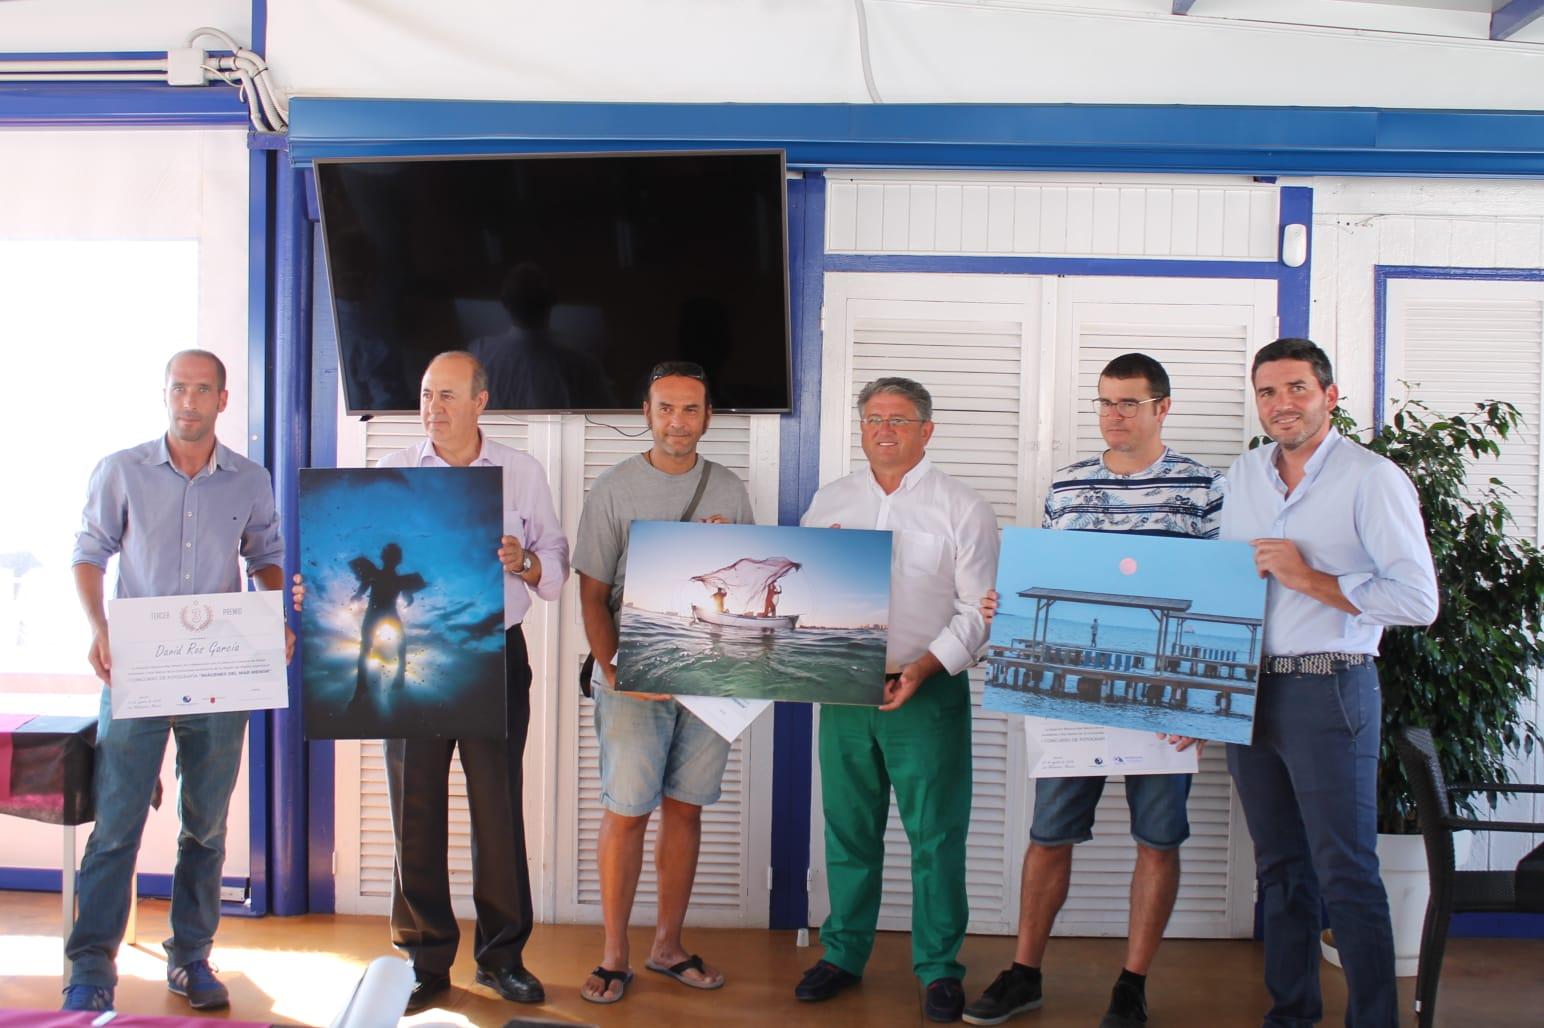 Entrega de los premios del concurso de fotografía organizado por la Estación Náutica del Mar Menor con la Comunidad Autónoma. Imagen: CARM